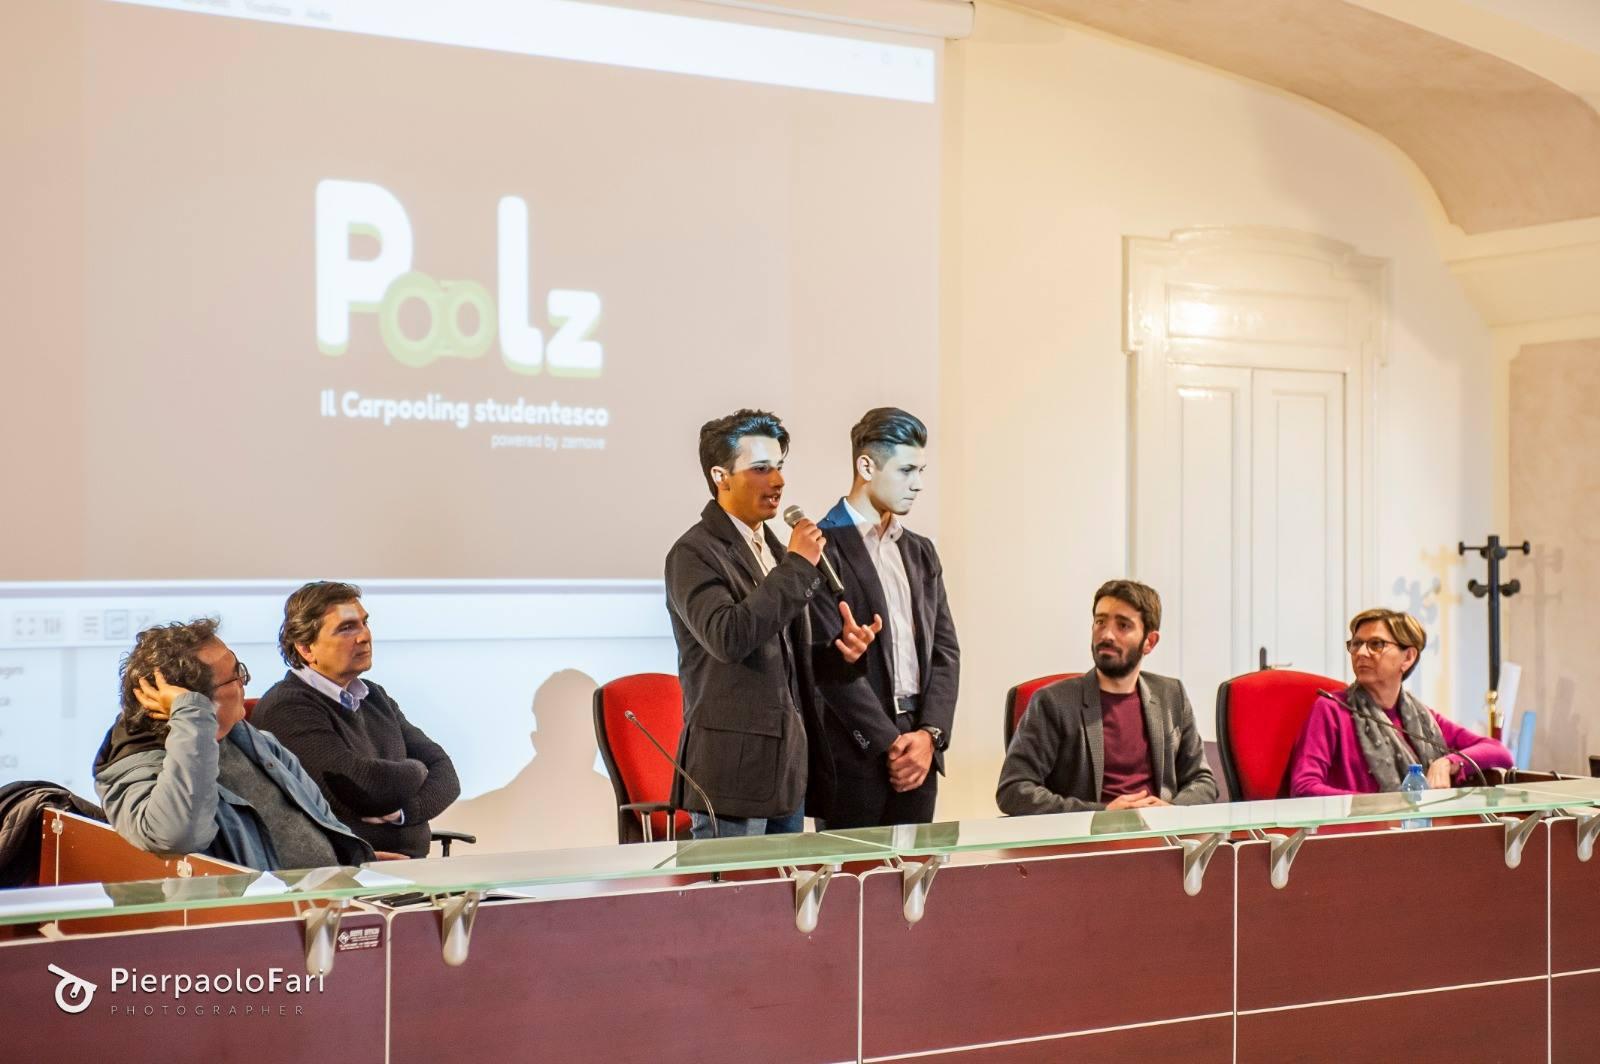 poolz conferenza stampa lancio